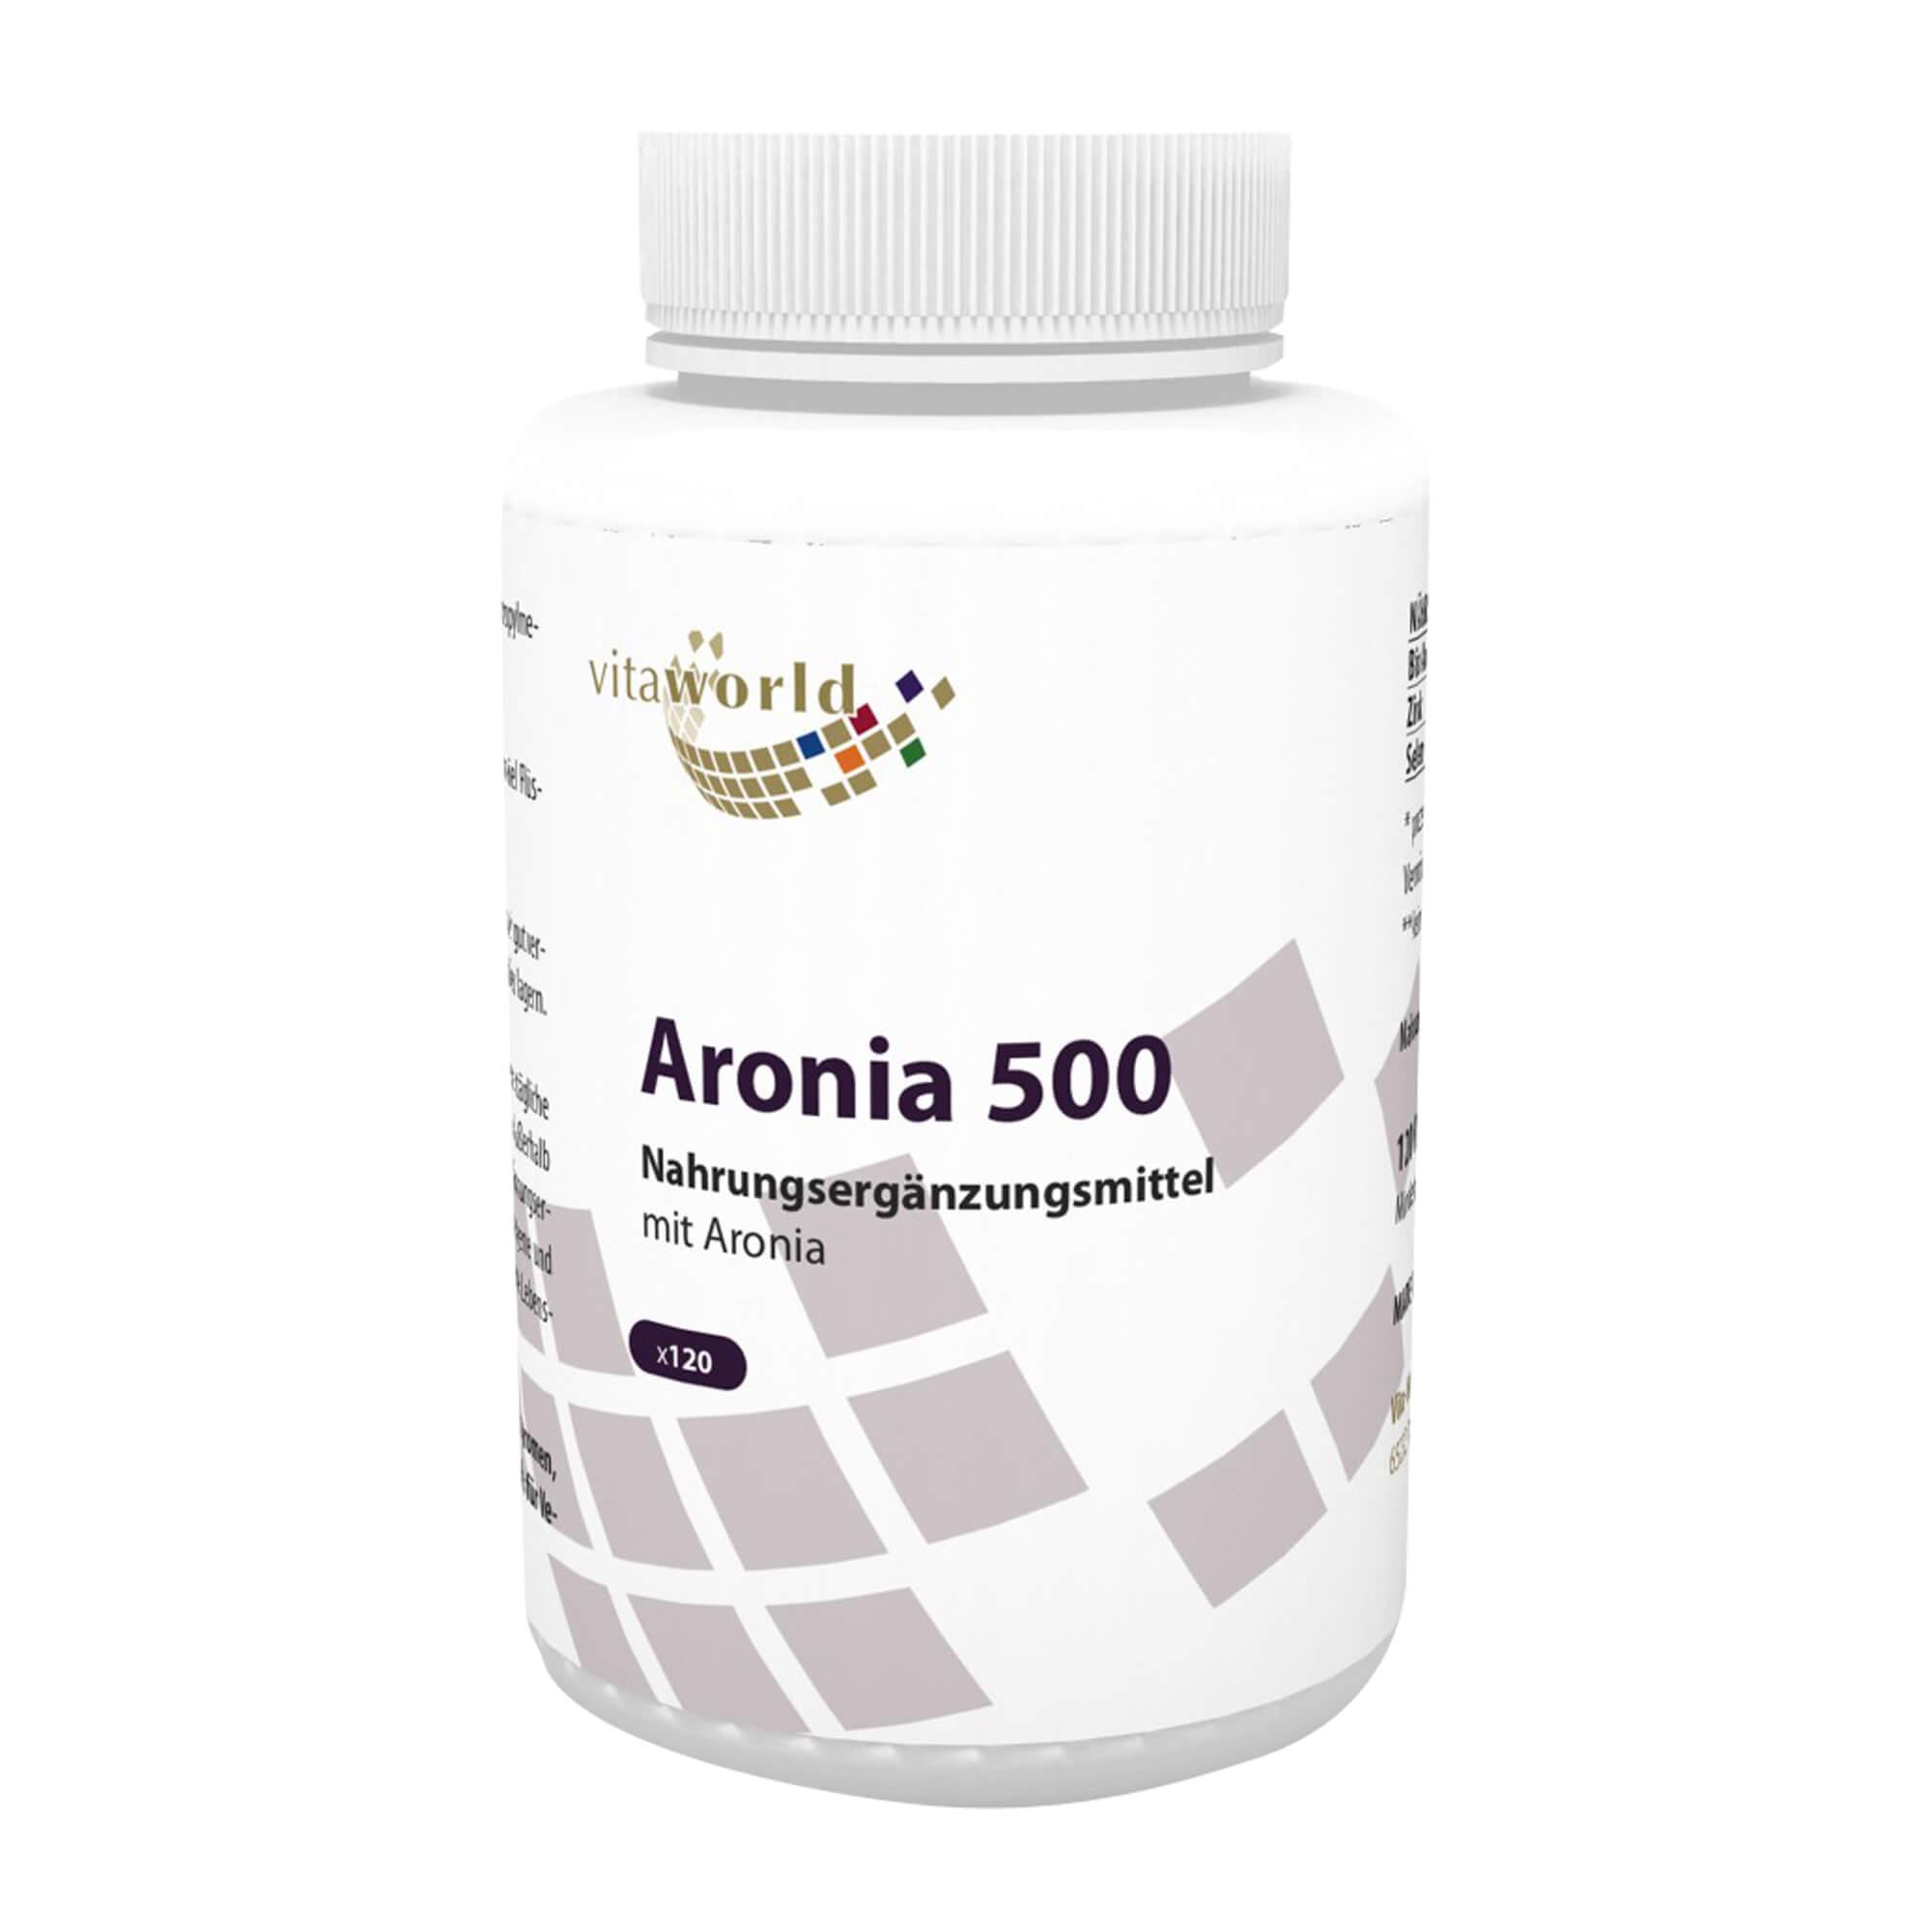 Aronia 500